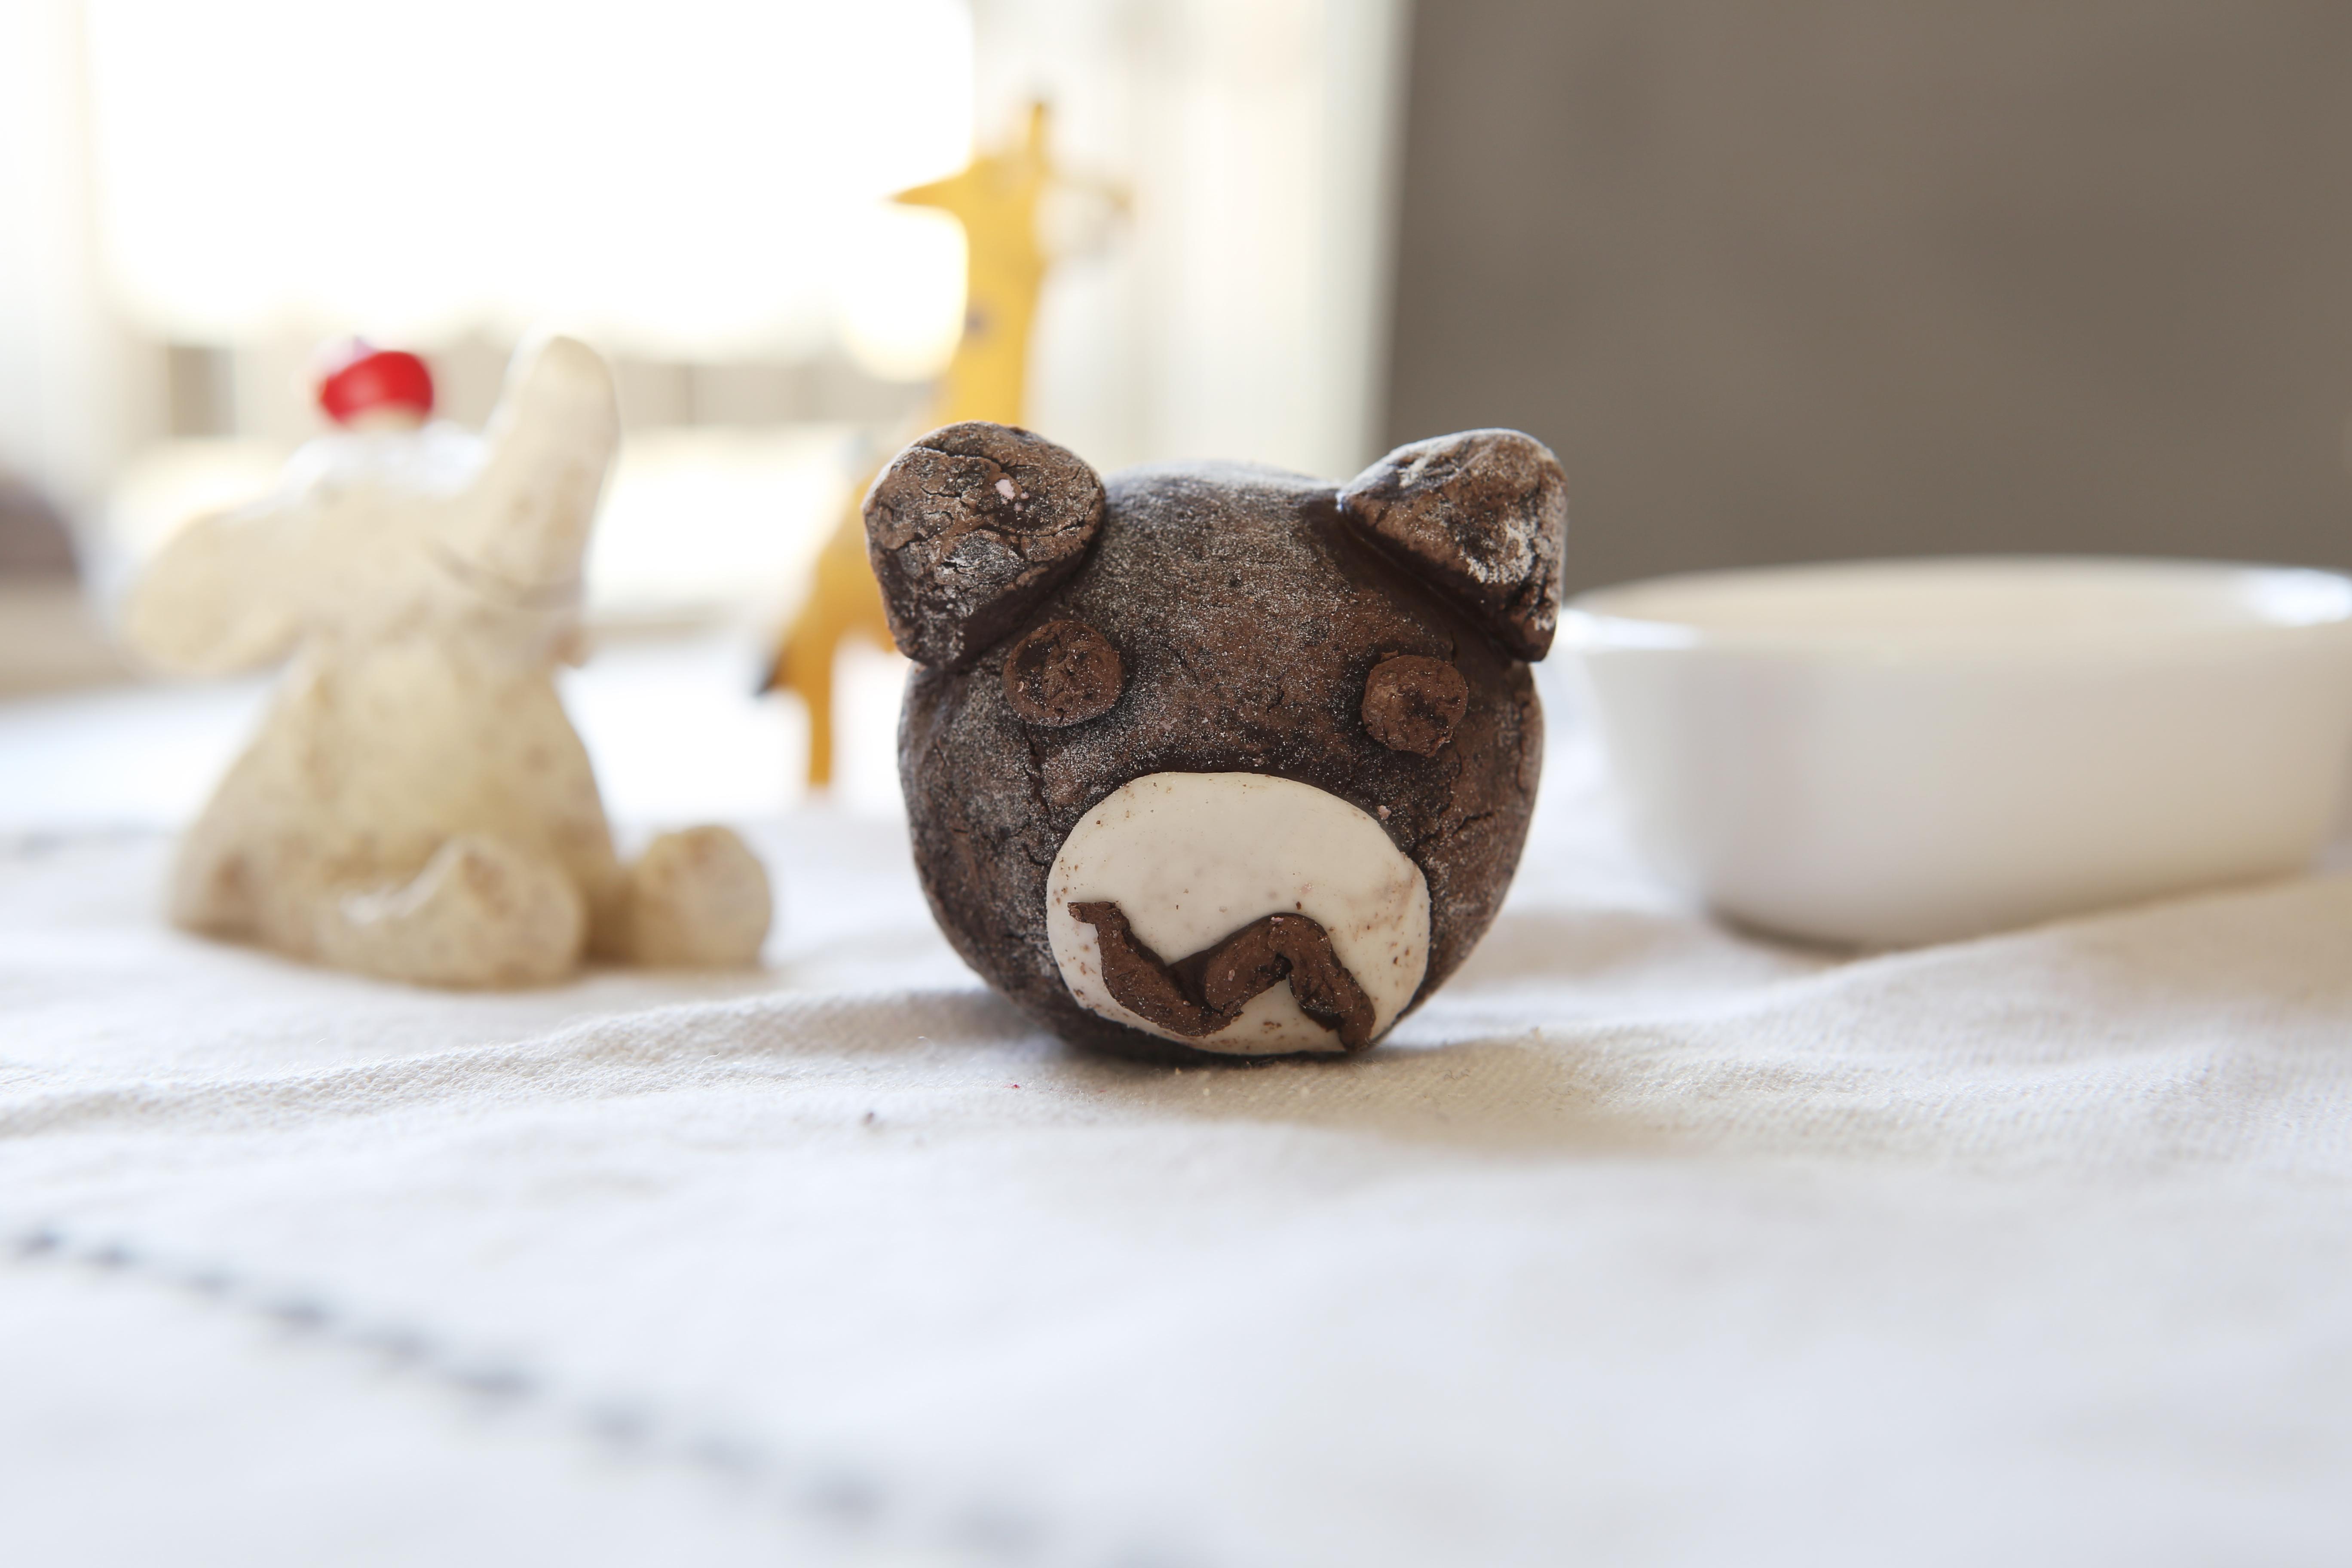 剩下的面团可以制作各种小动物造型的